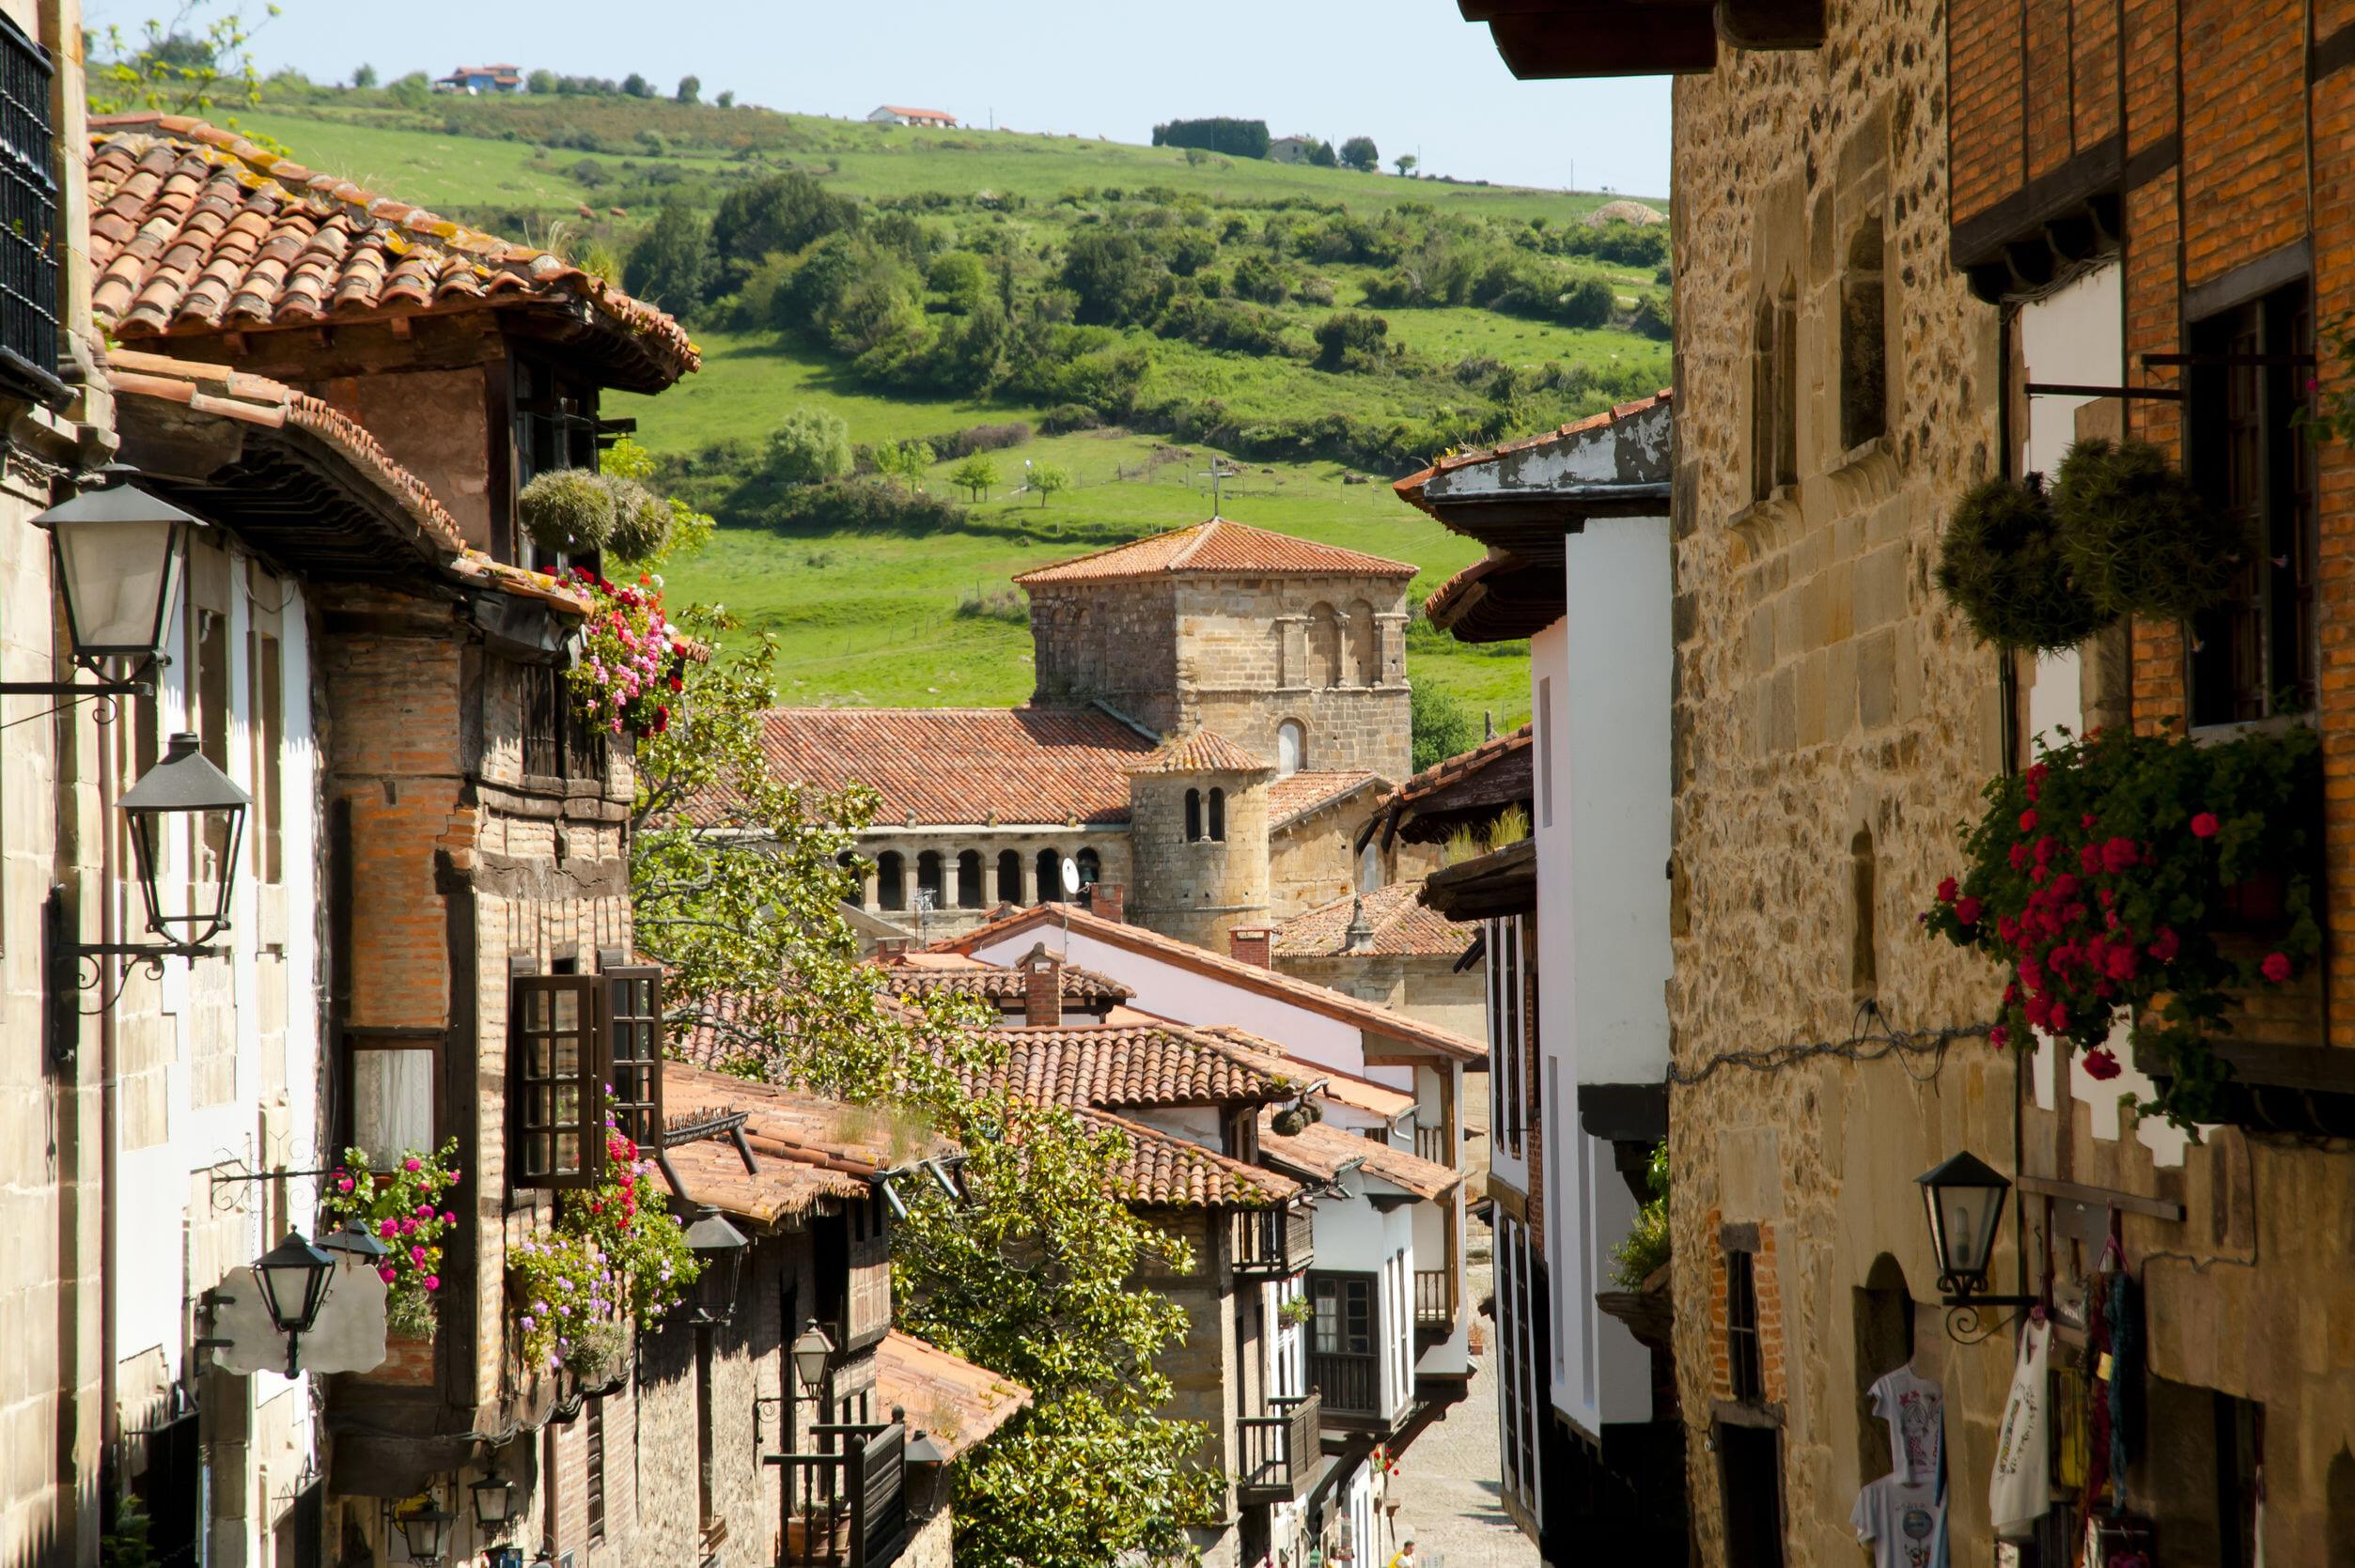 北スペインの観光スポットであるカンタブリアのサンティジャーナ・デル・マル